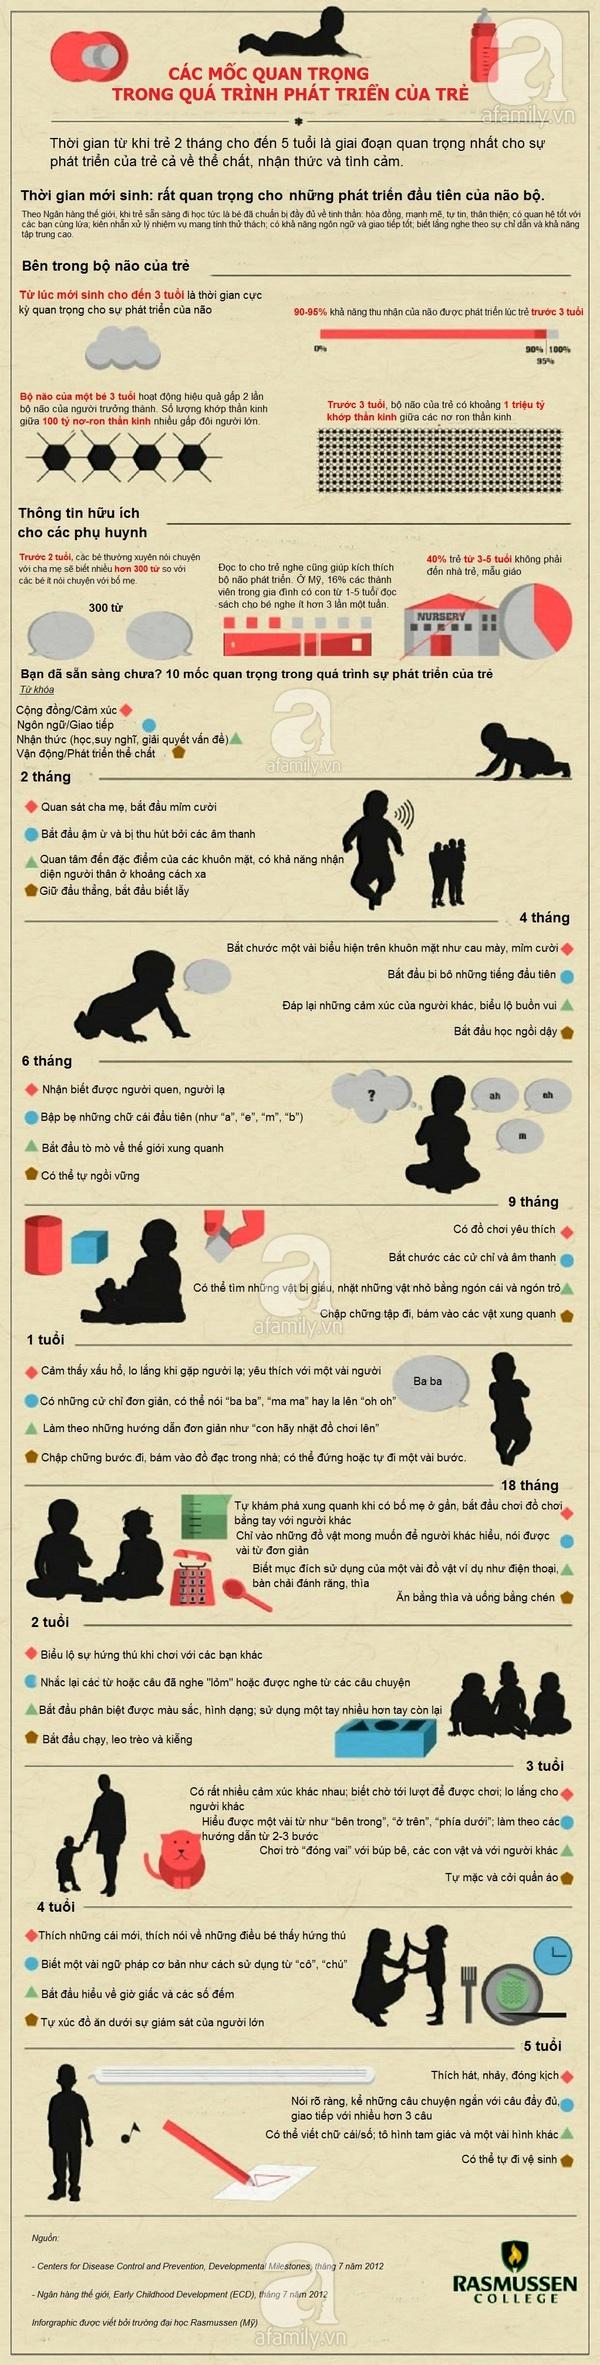 10 mốc phát triển quan trọng của bé bố mẹ không thể bỏ qua 1